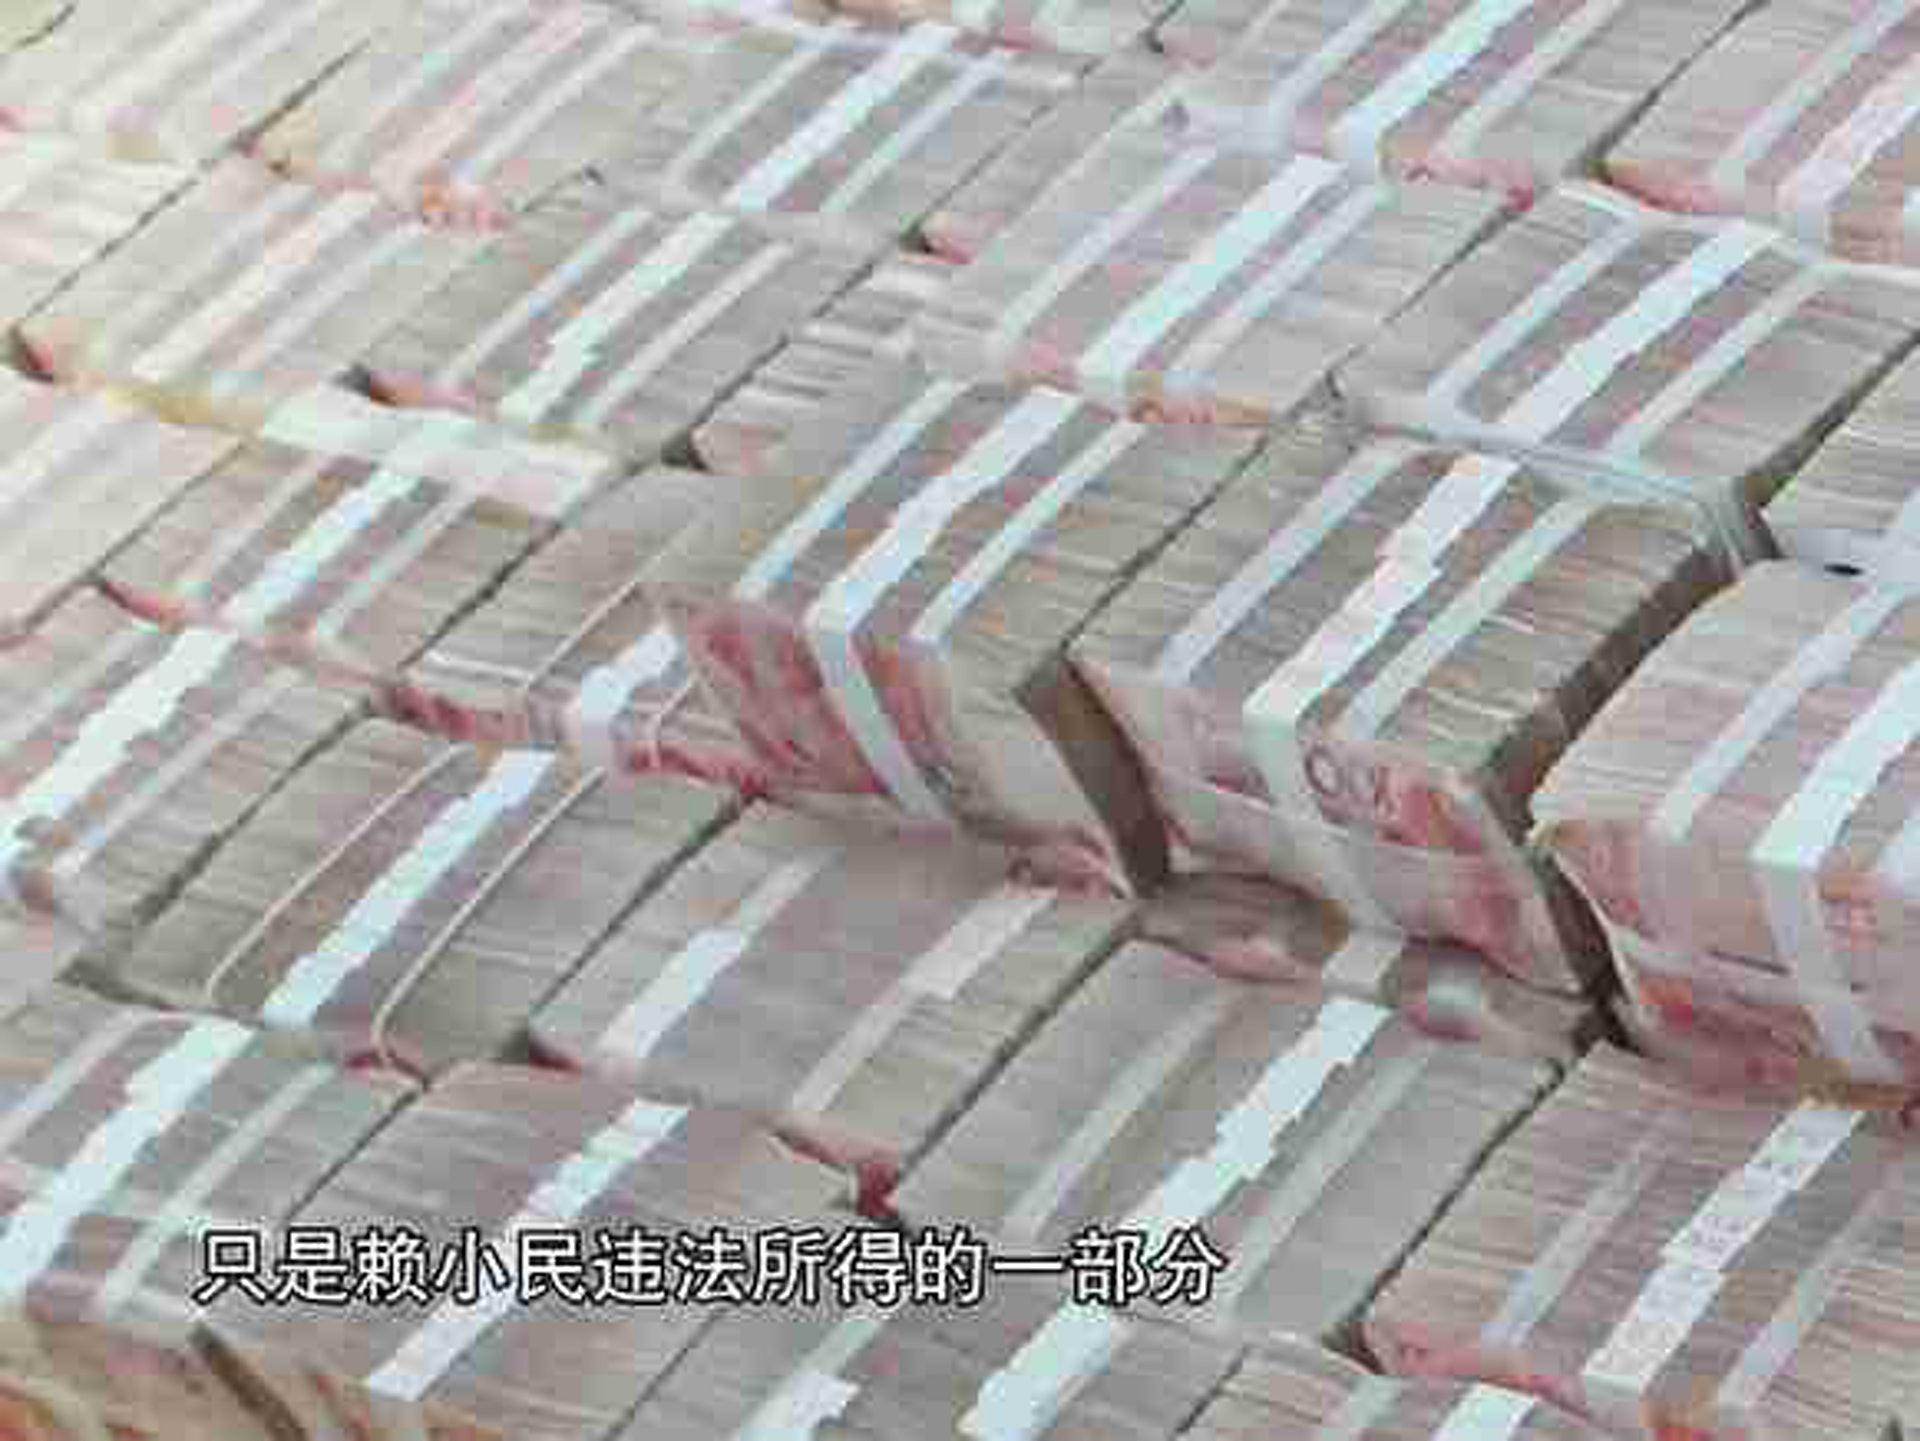 """赖小民判死刑:""""超市""""藏2亿现金 拥情妇破一百…"""